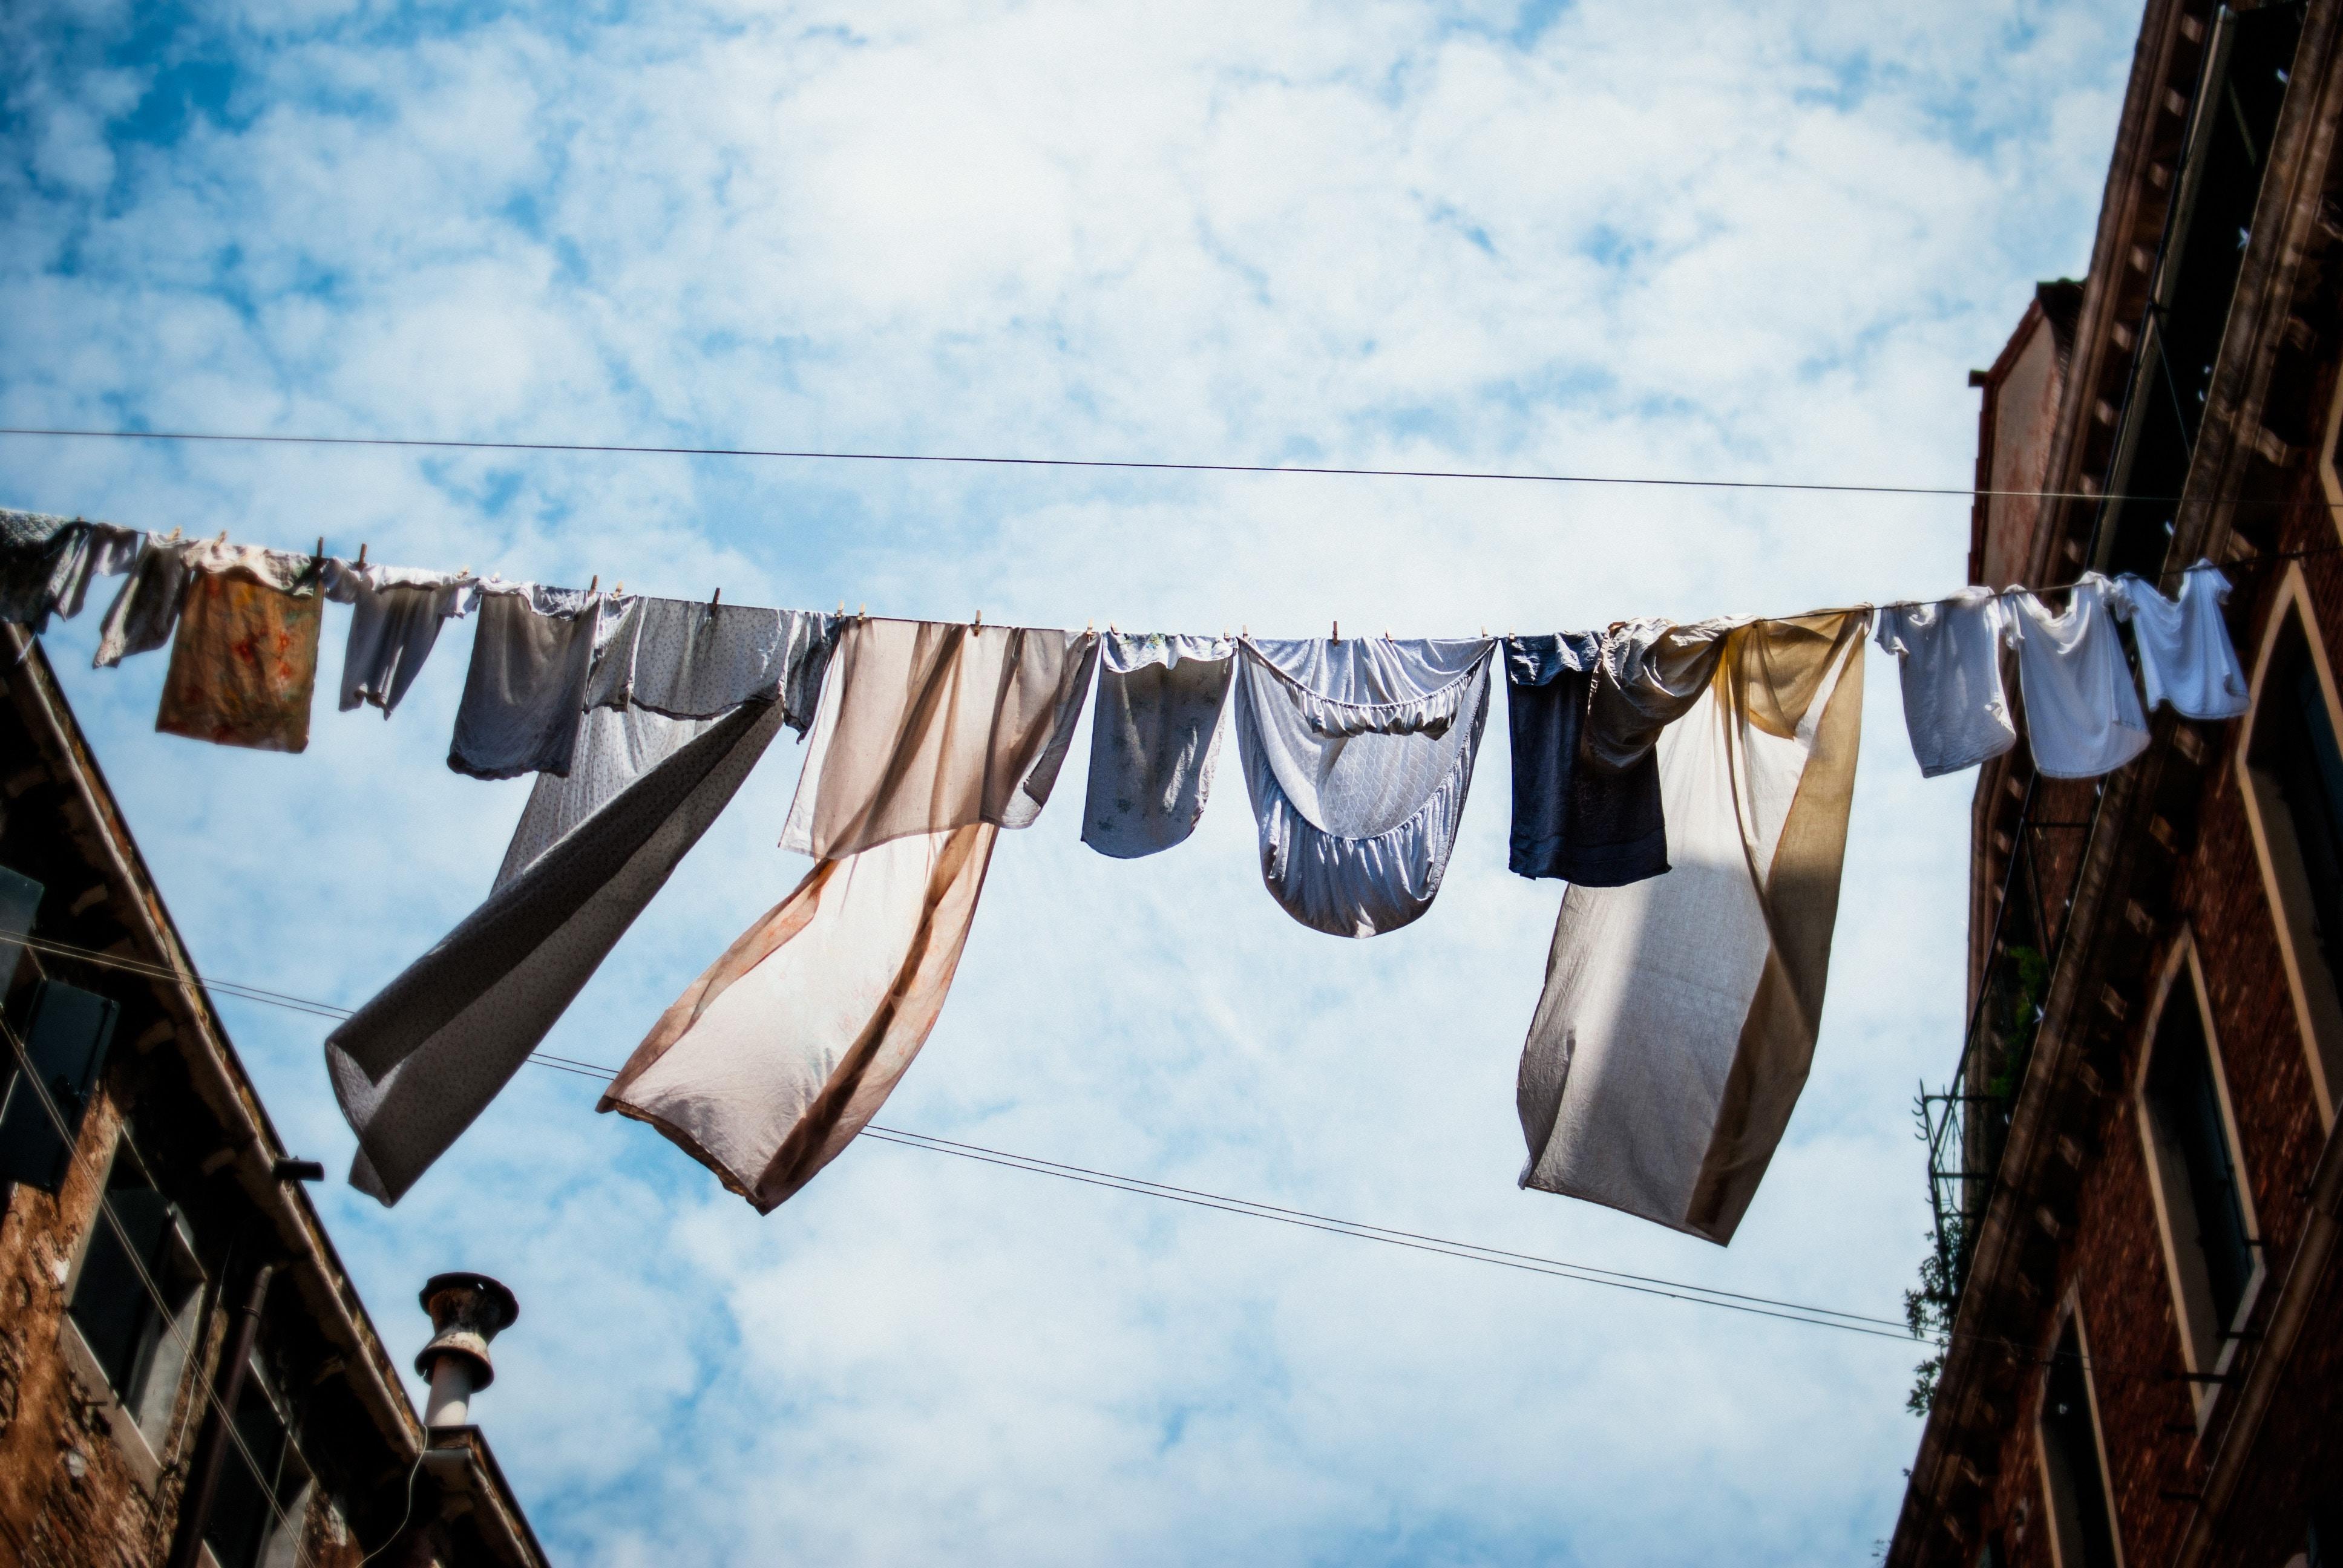 Använder du rätt tvättmedel?